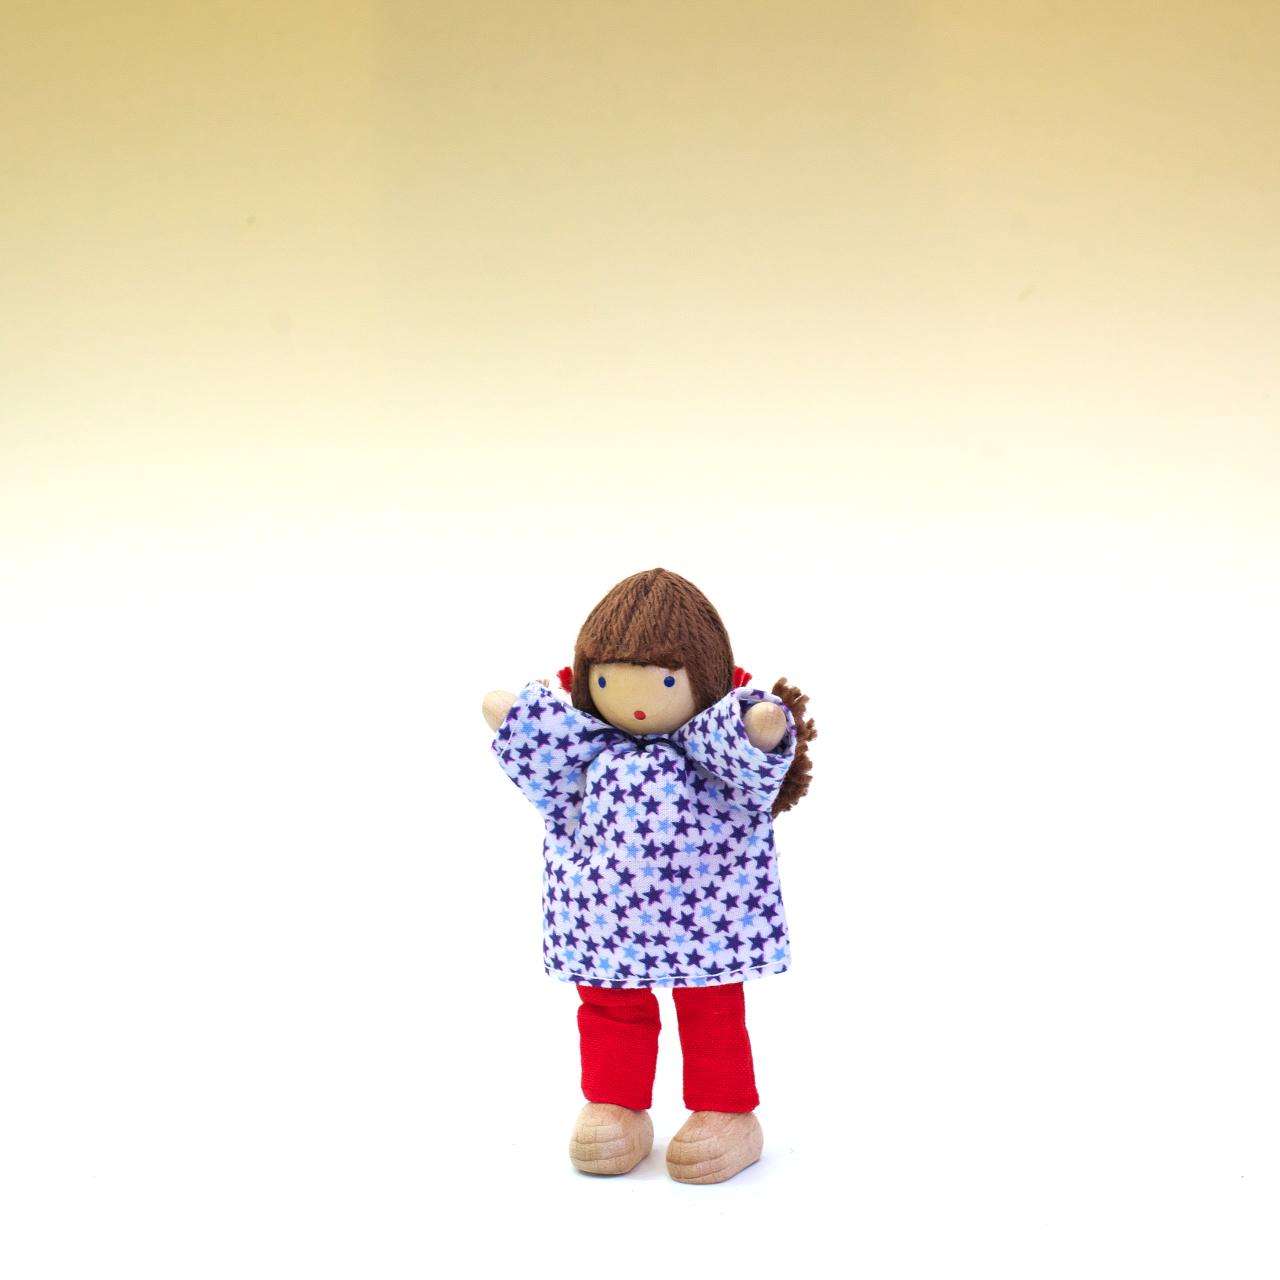 ヘアヴィック製人形 星のシャツの女の子